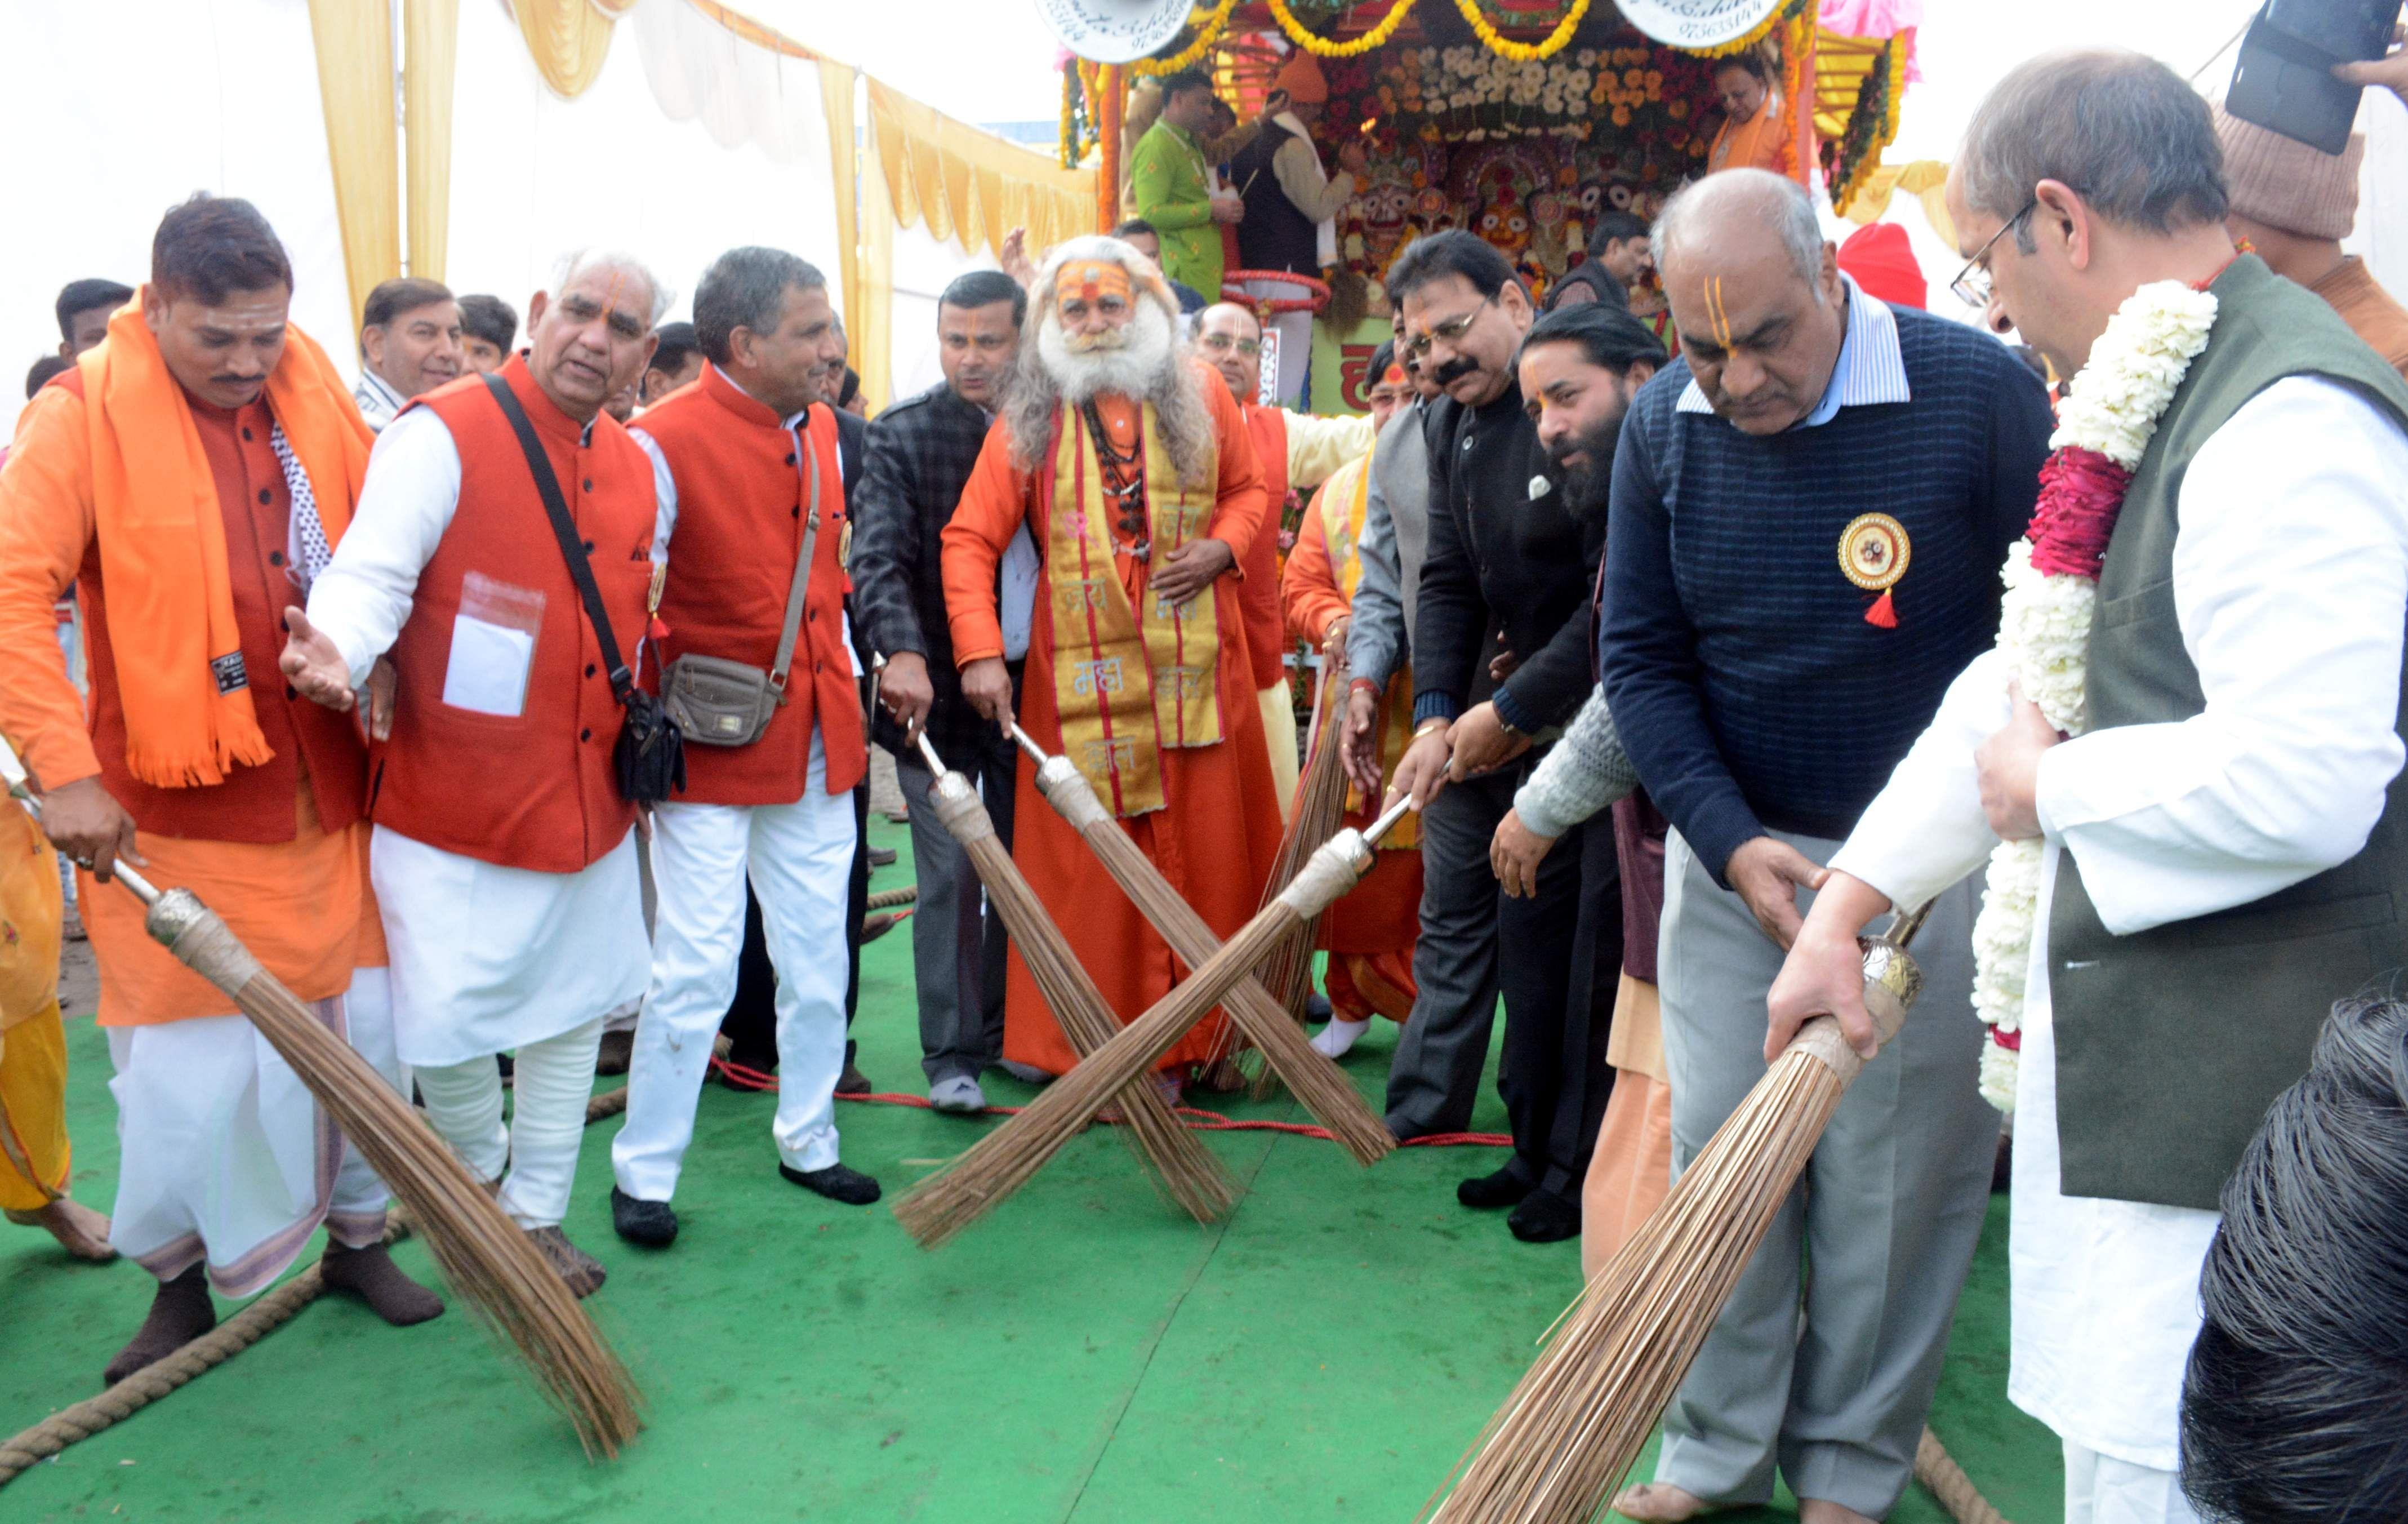 परेड मैदान से श्री जगन्नाथ मंदिर सेवा समिति की ओर से प्राचीन श्री जगन्नाथ रथ यात्रा के शुभारंभ के